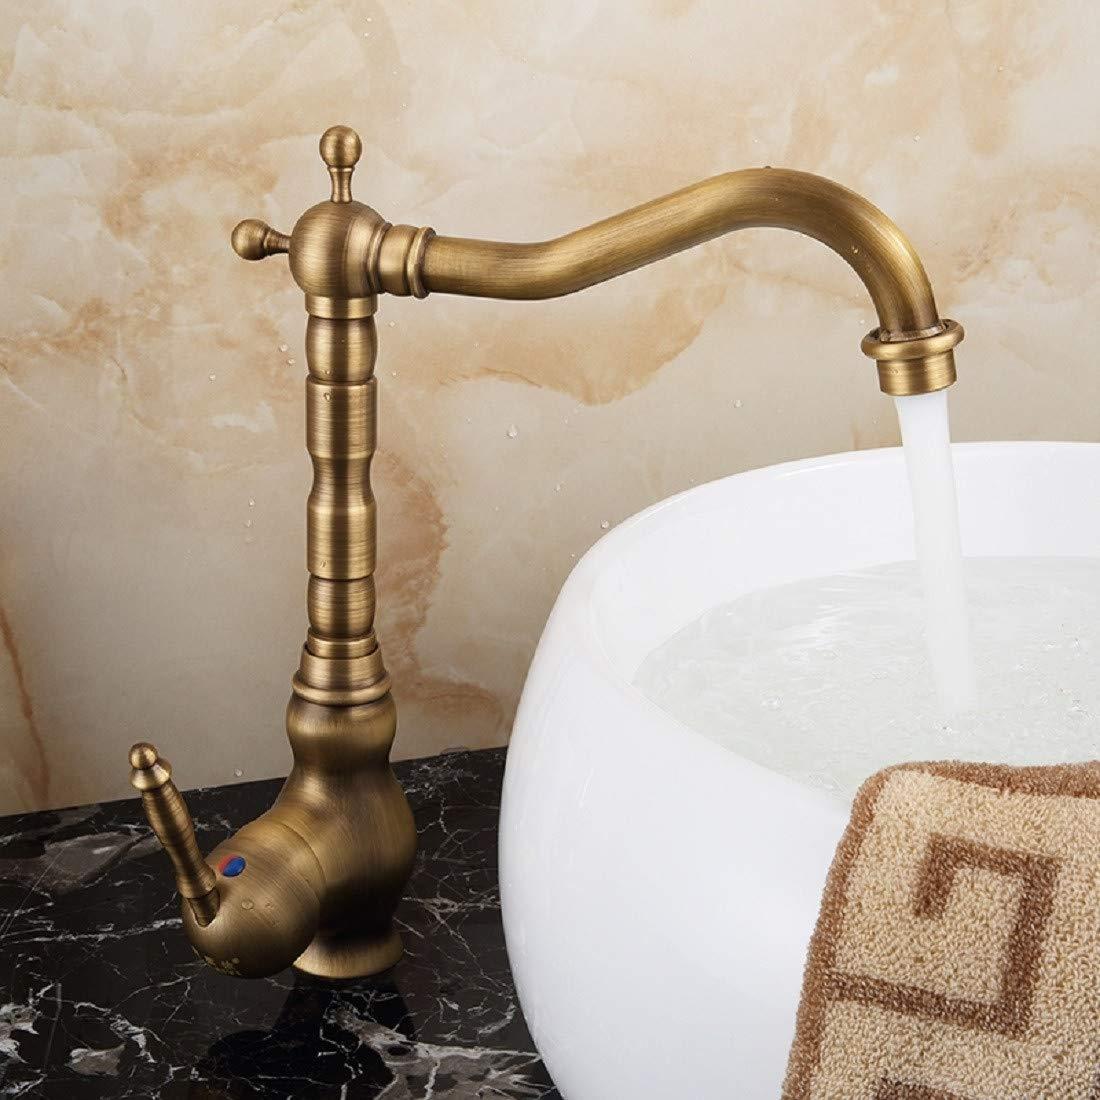 Wasserhahn bad Waschtischarmatur waschbecken verdickung single - loch waschbecken top - becken wasserhahn Europäischen stil mit antiken